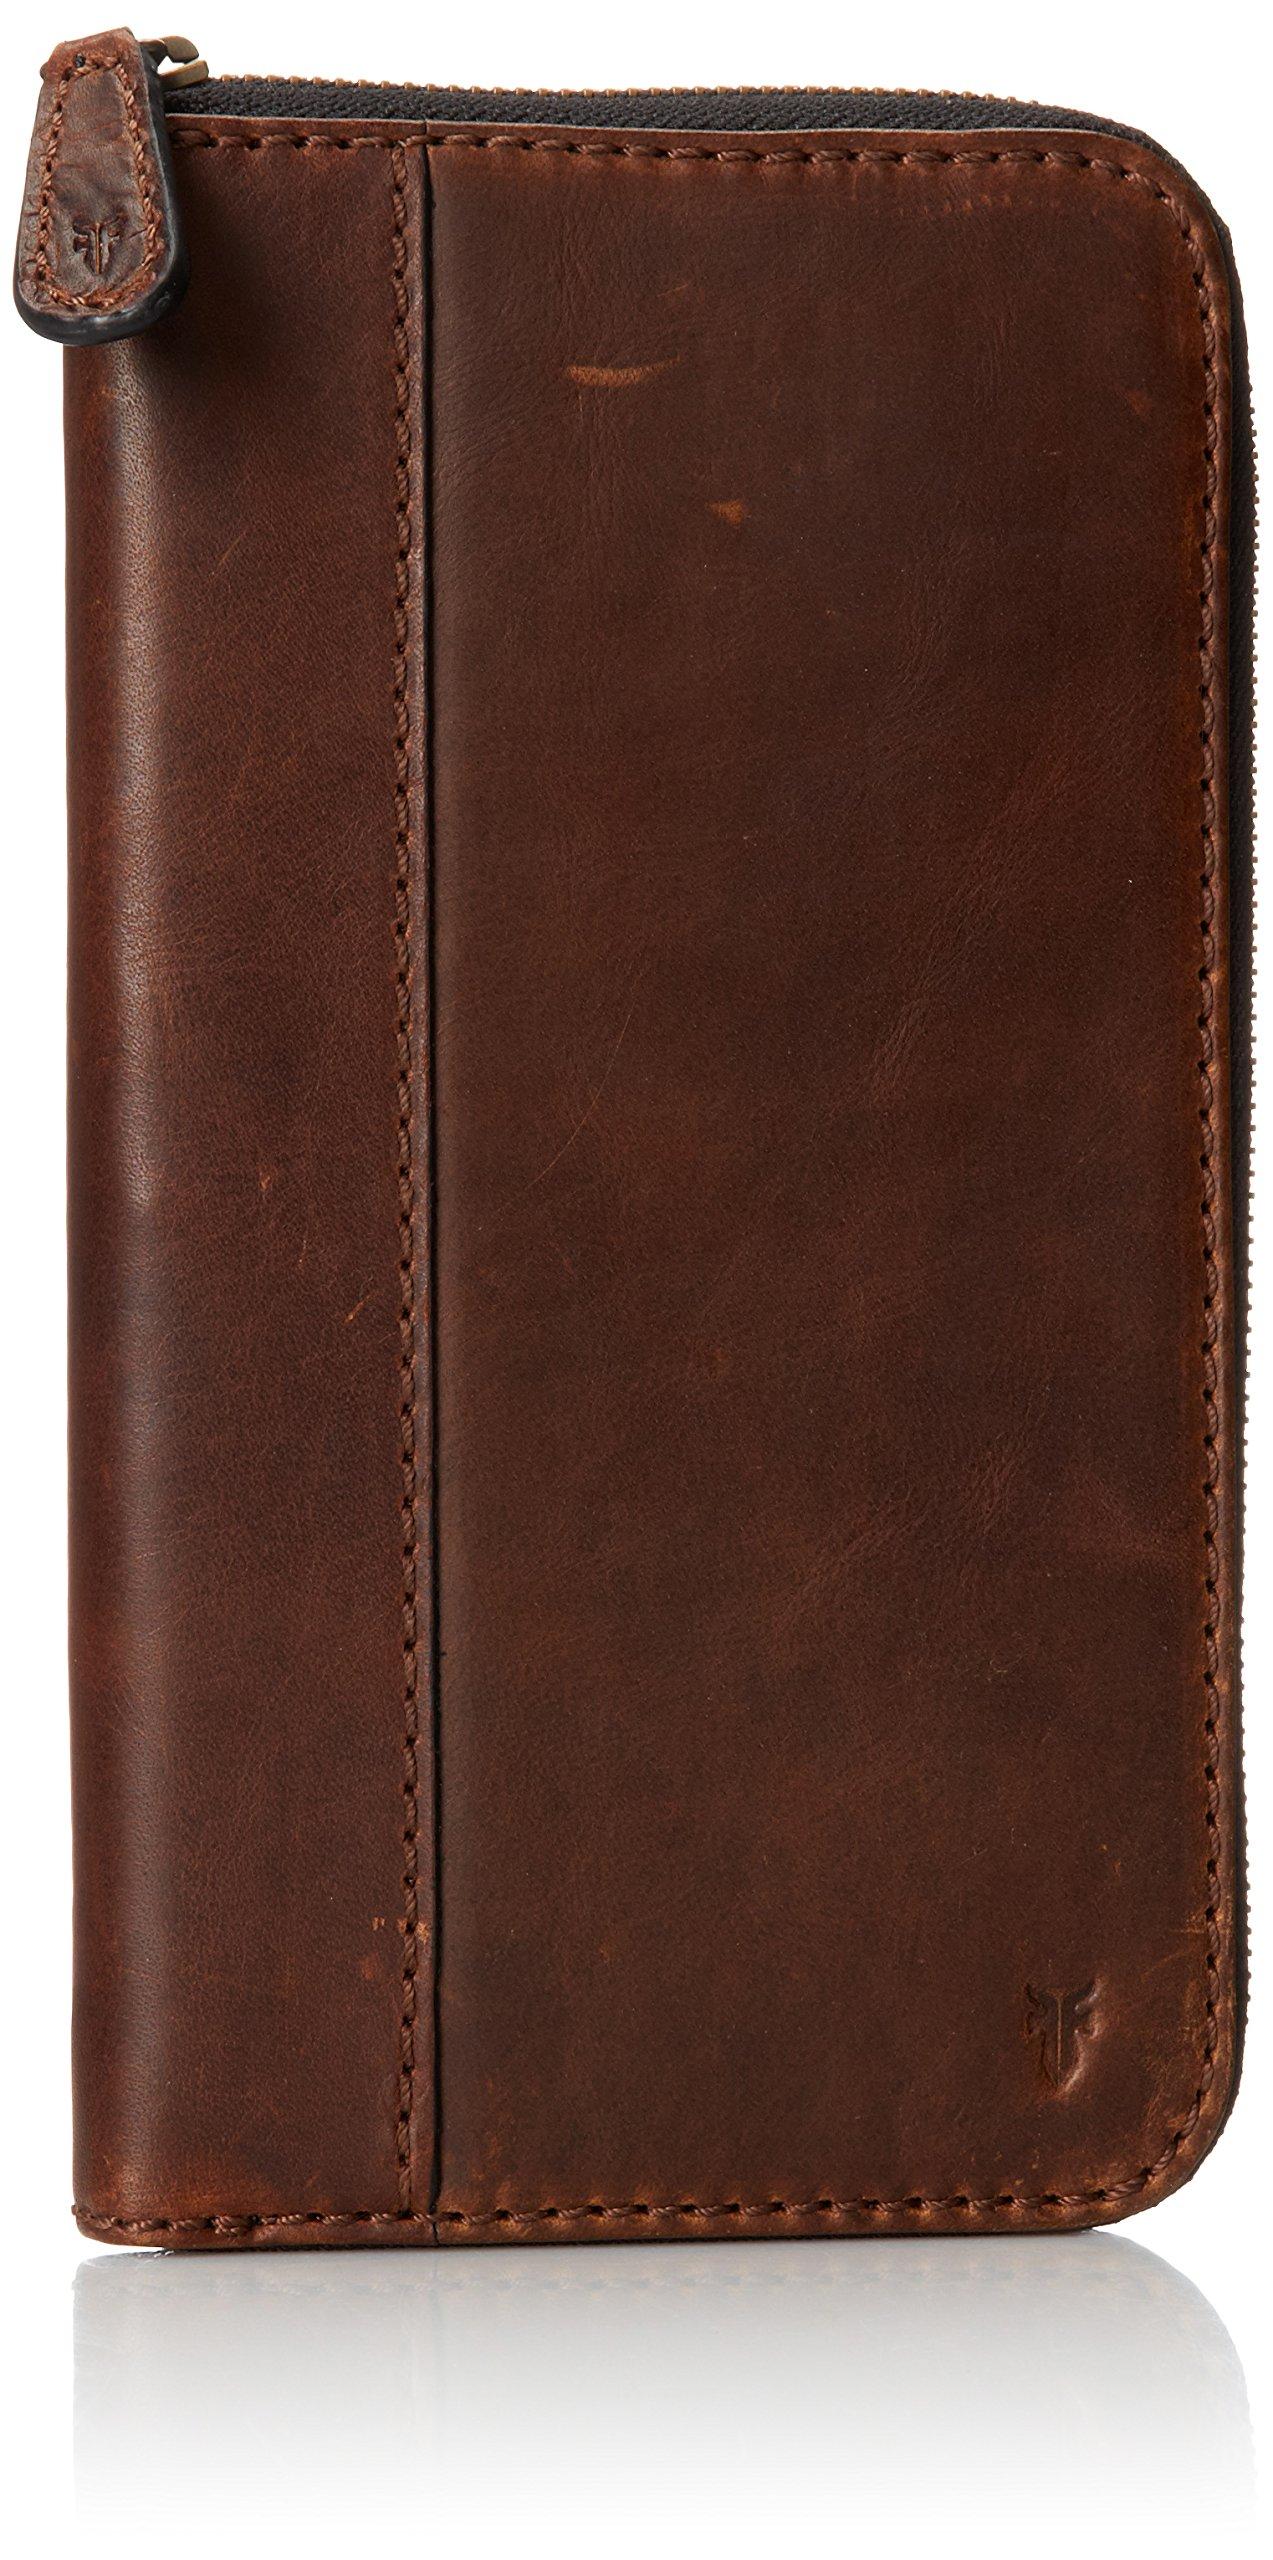 FRYE Men's Logan Travel Wallet, Dark Brown,  One Size